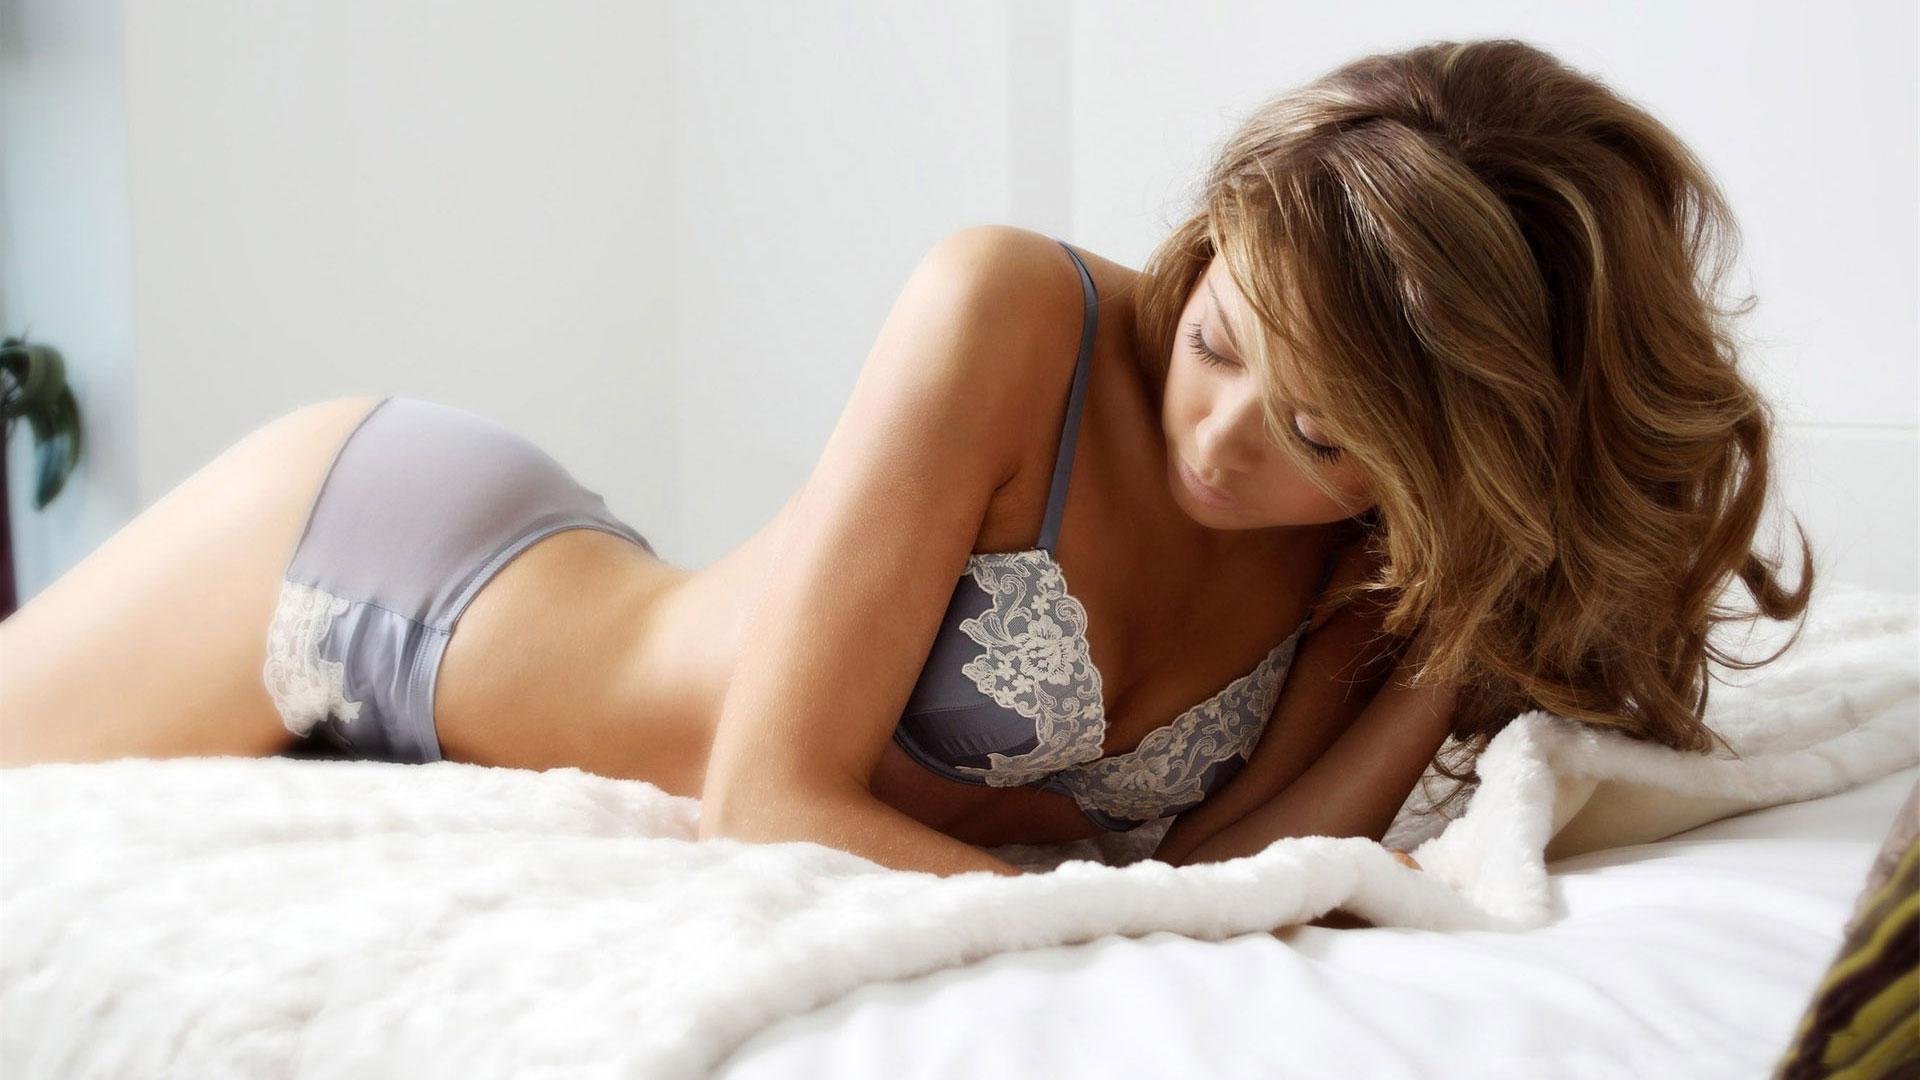 Бесплатный доступ к порно контенту лучших секс сайтов онлайн